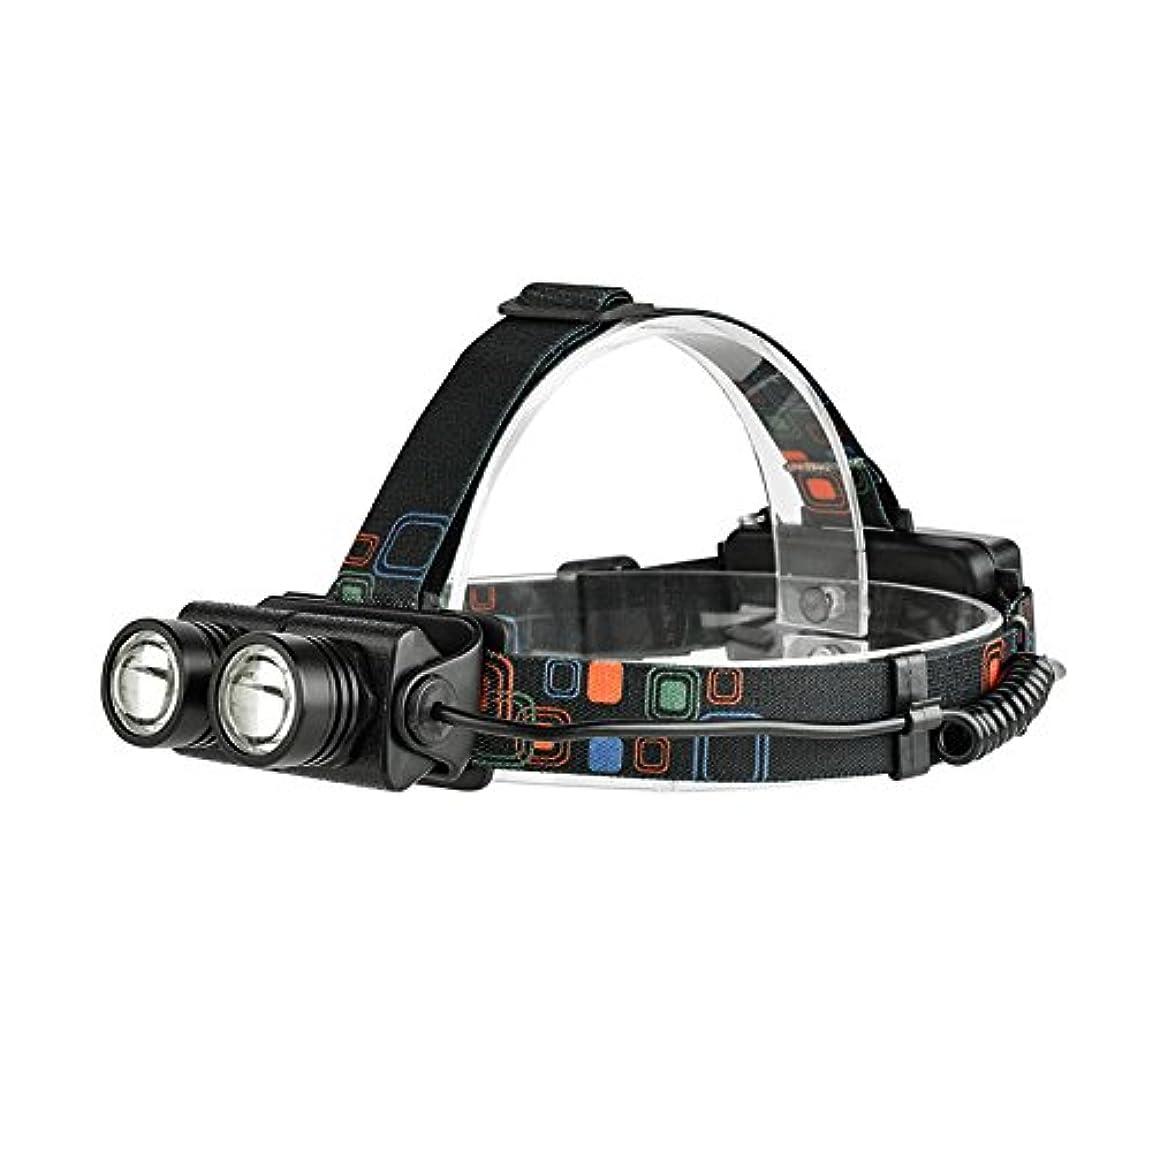 バッジ年次物足りないRaiFu ヘッドランプ 柔軟 ズーム 4モード 明るい 1600LM 20W デュアル-T6 夜間 屋外活動